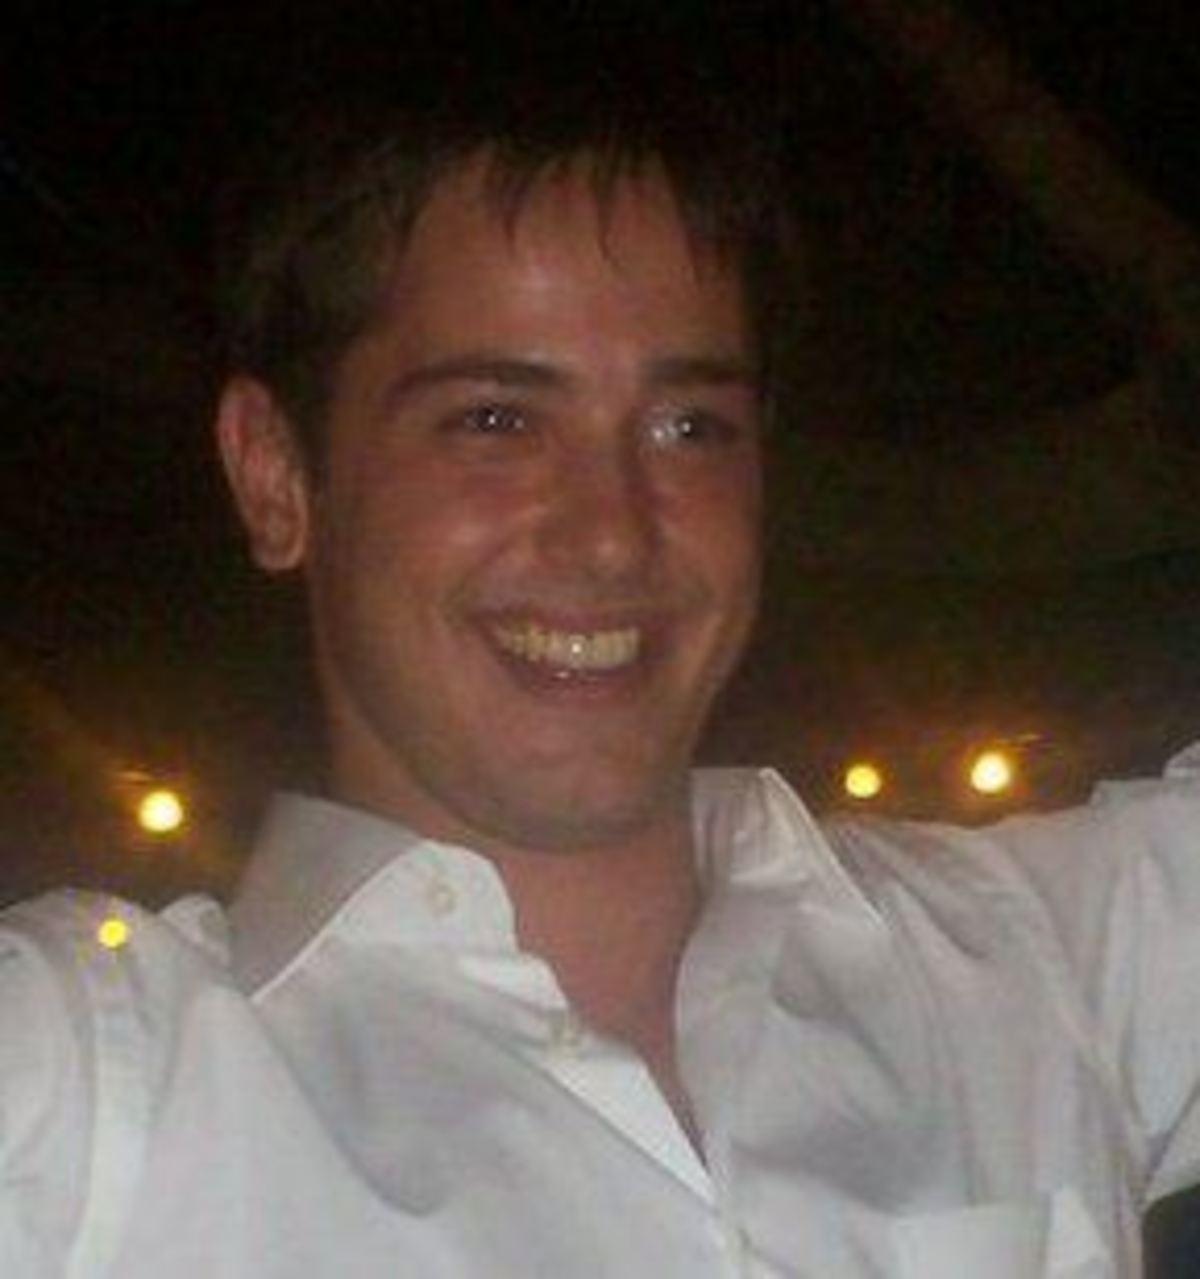 Κρήτη:»Σας αισθάνομαι κοντά»-Η συγκλονιστική μάχη νεαρού Λευτέρη με τον καρκίνο! | Newsit.gr